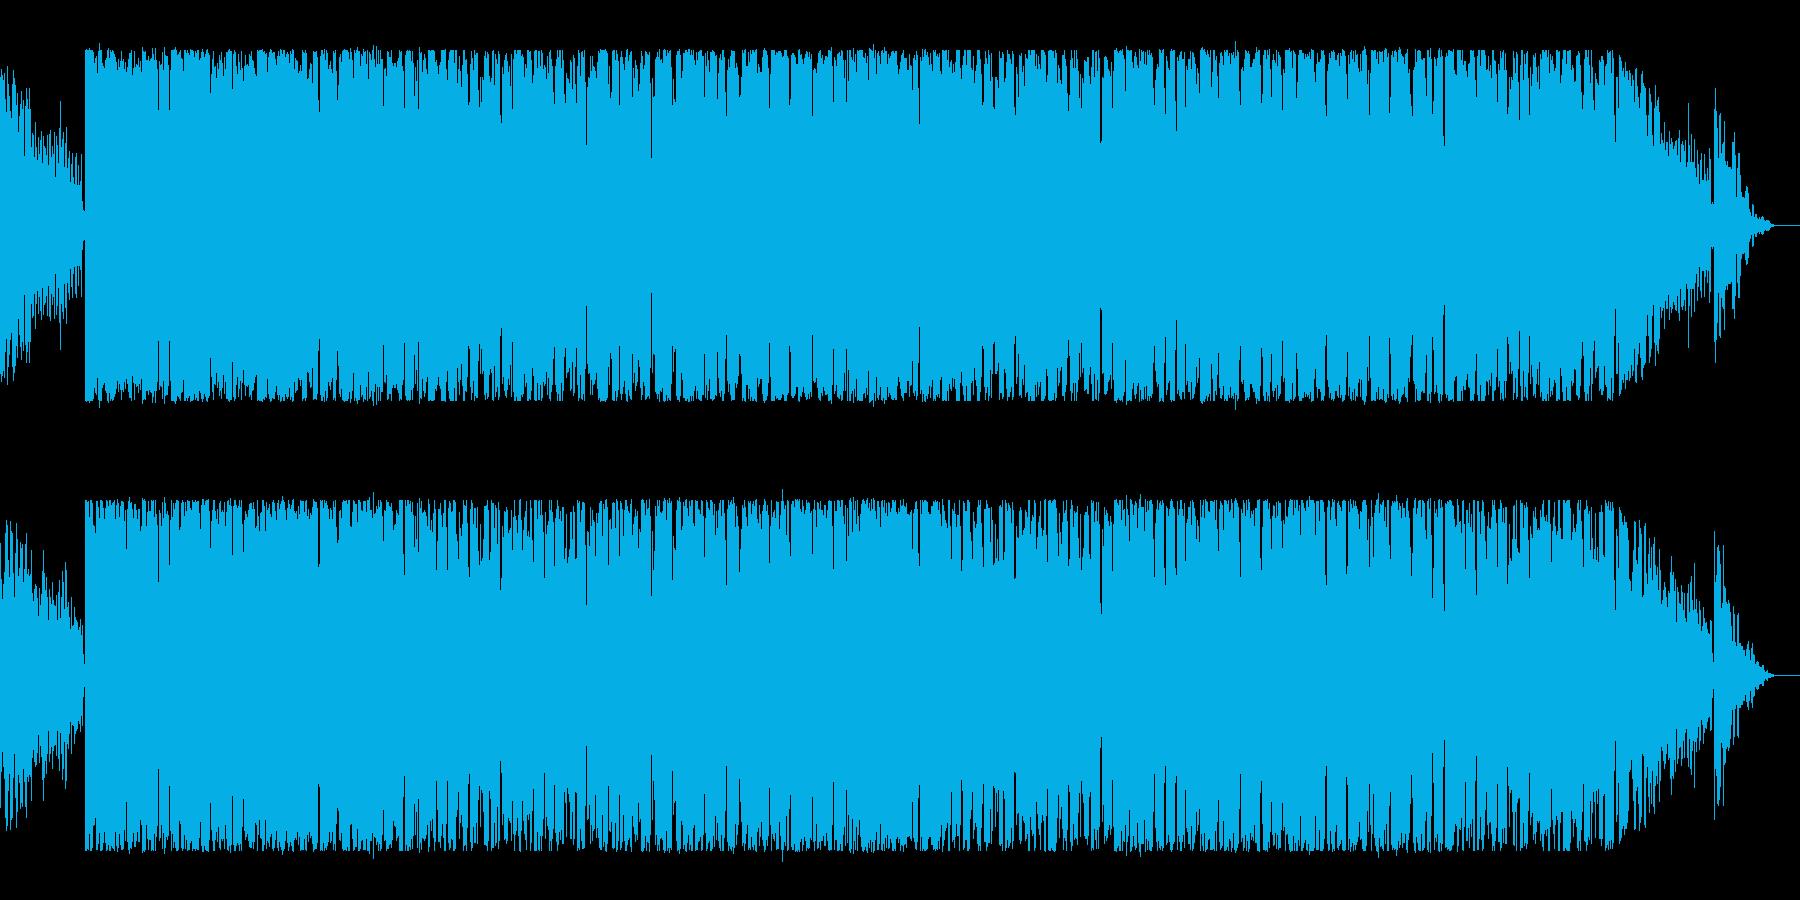 落ち着いた雰囲気のラップの再生済みの波形